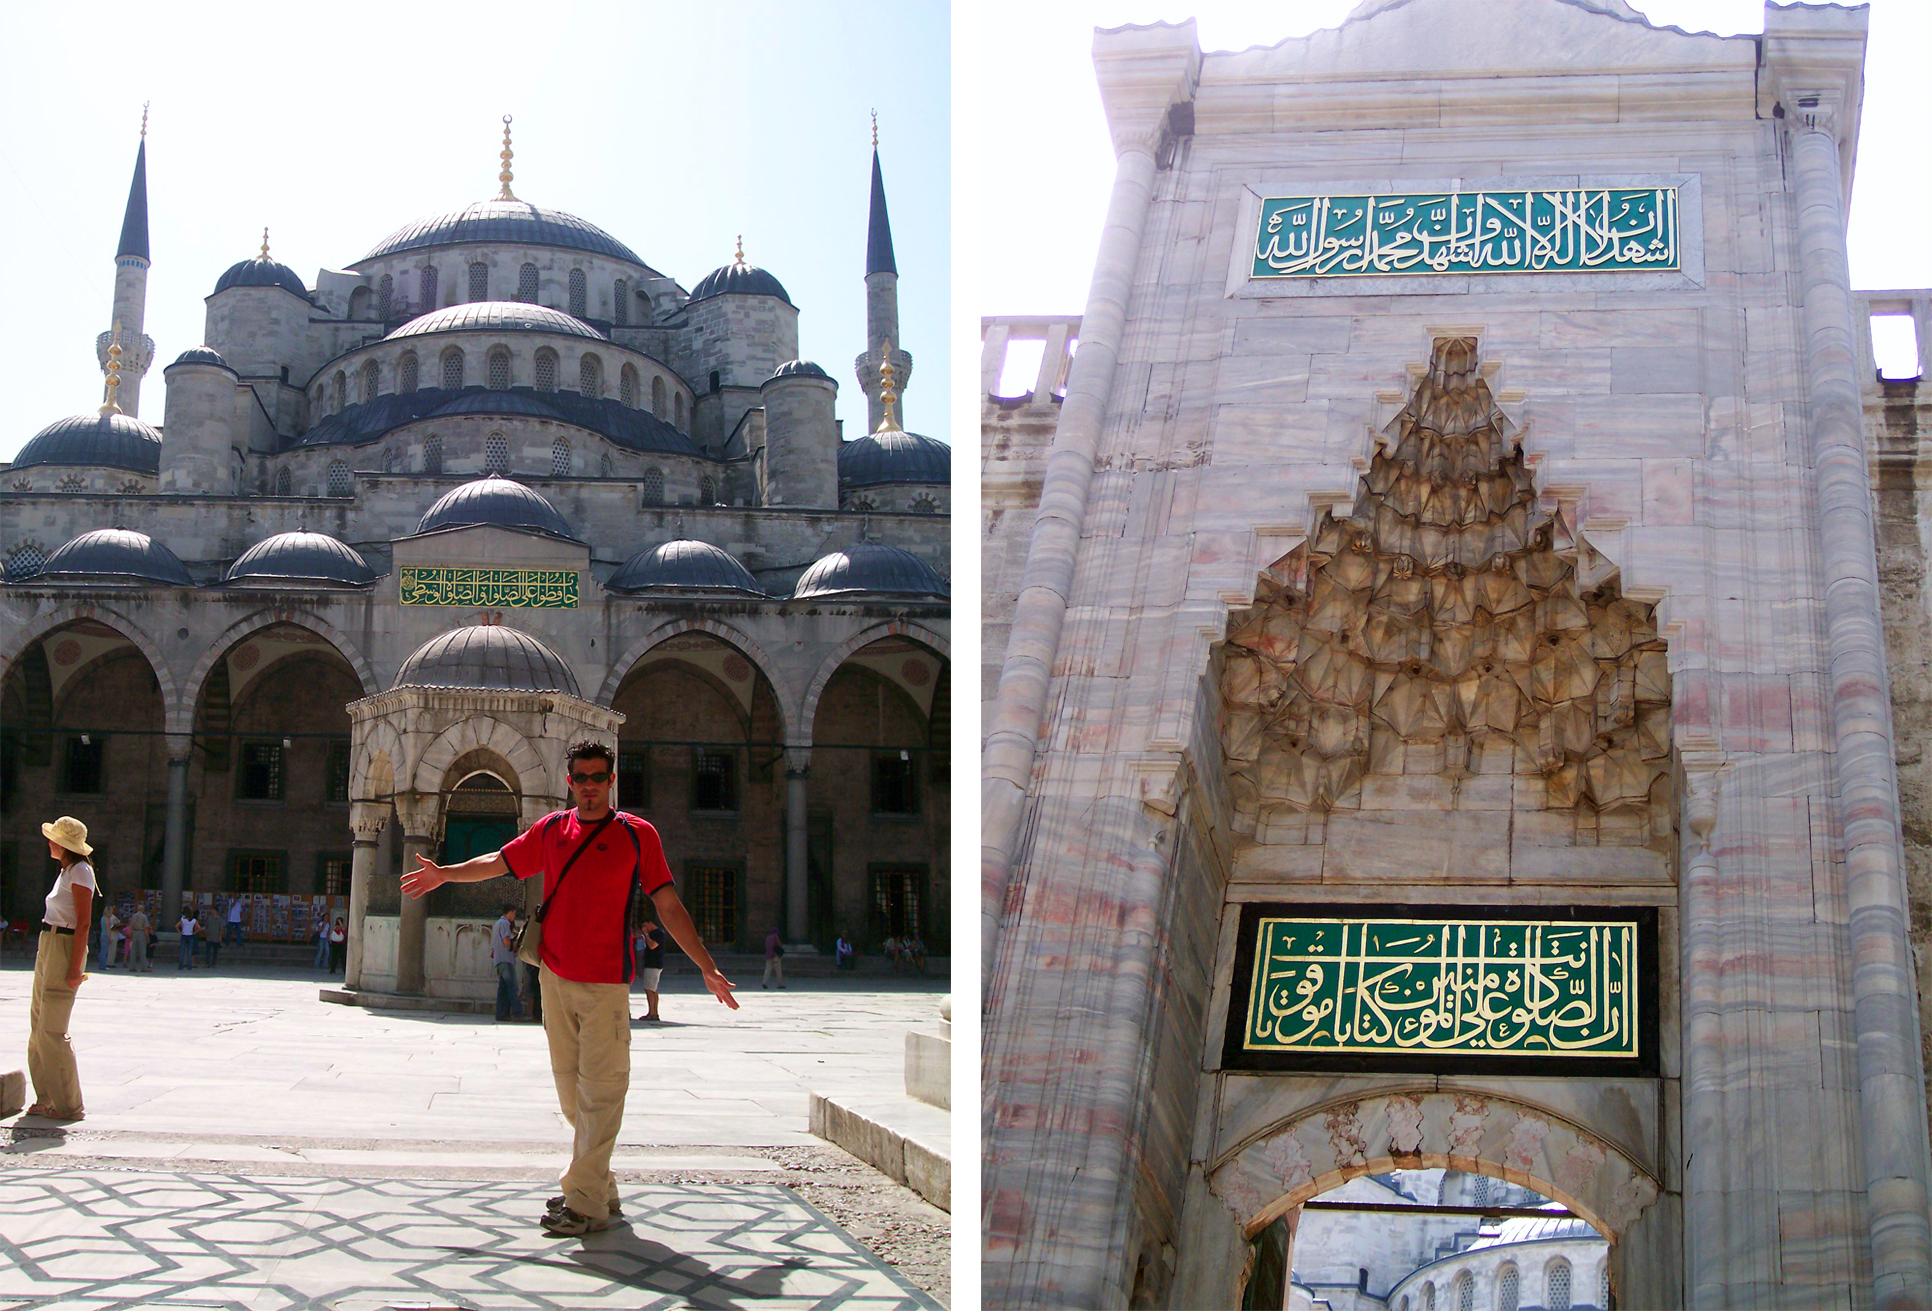 qué ver en Estambul, Turquía - Istanbul, Turkey qué ver en estambul - 30362990694 e6be646f00 o - Qué ver en Estambul